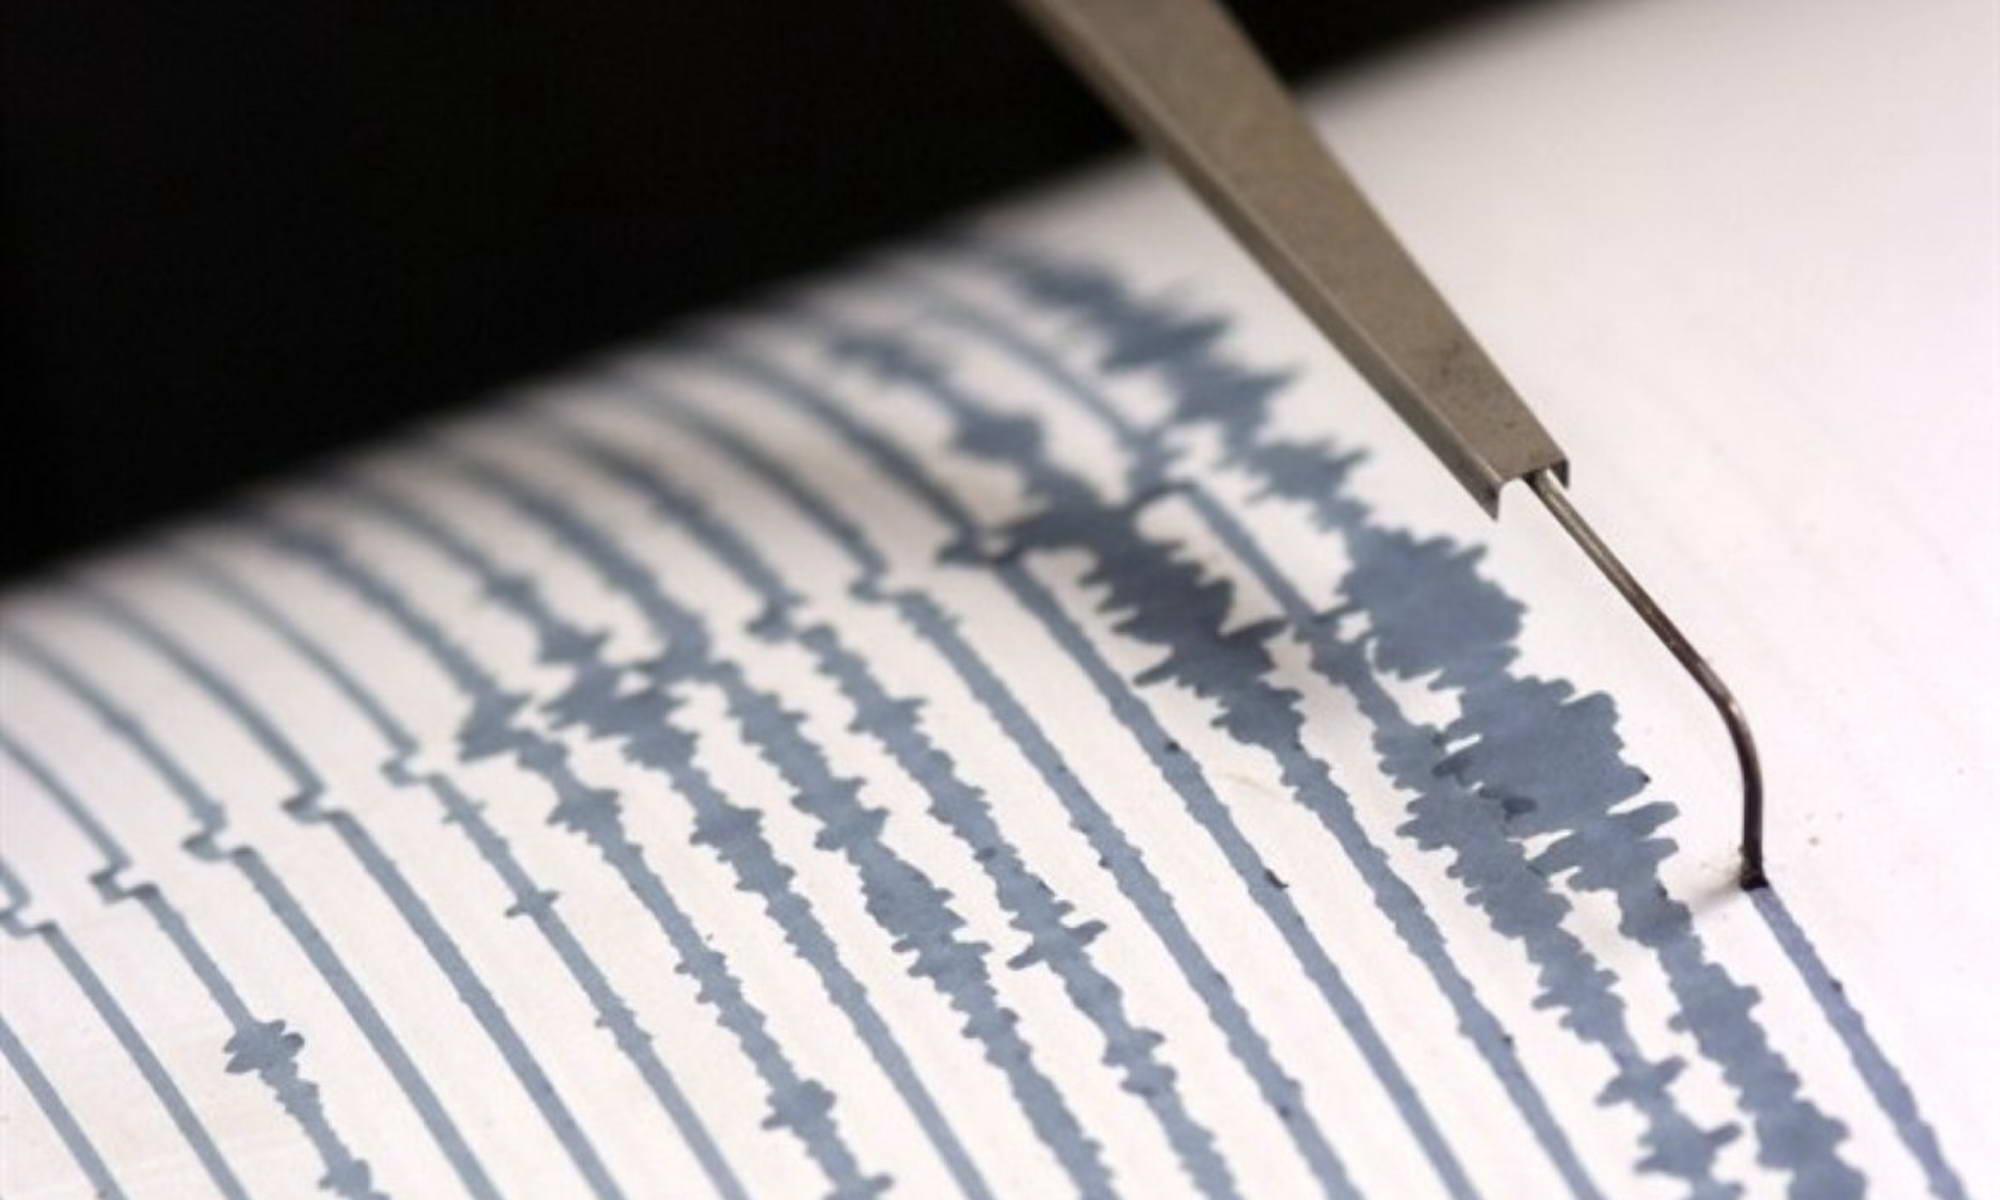 Terremoto a Trapani, 4 scosse in 4 minuti ma nessun danno